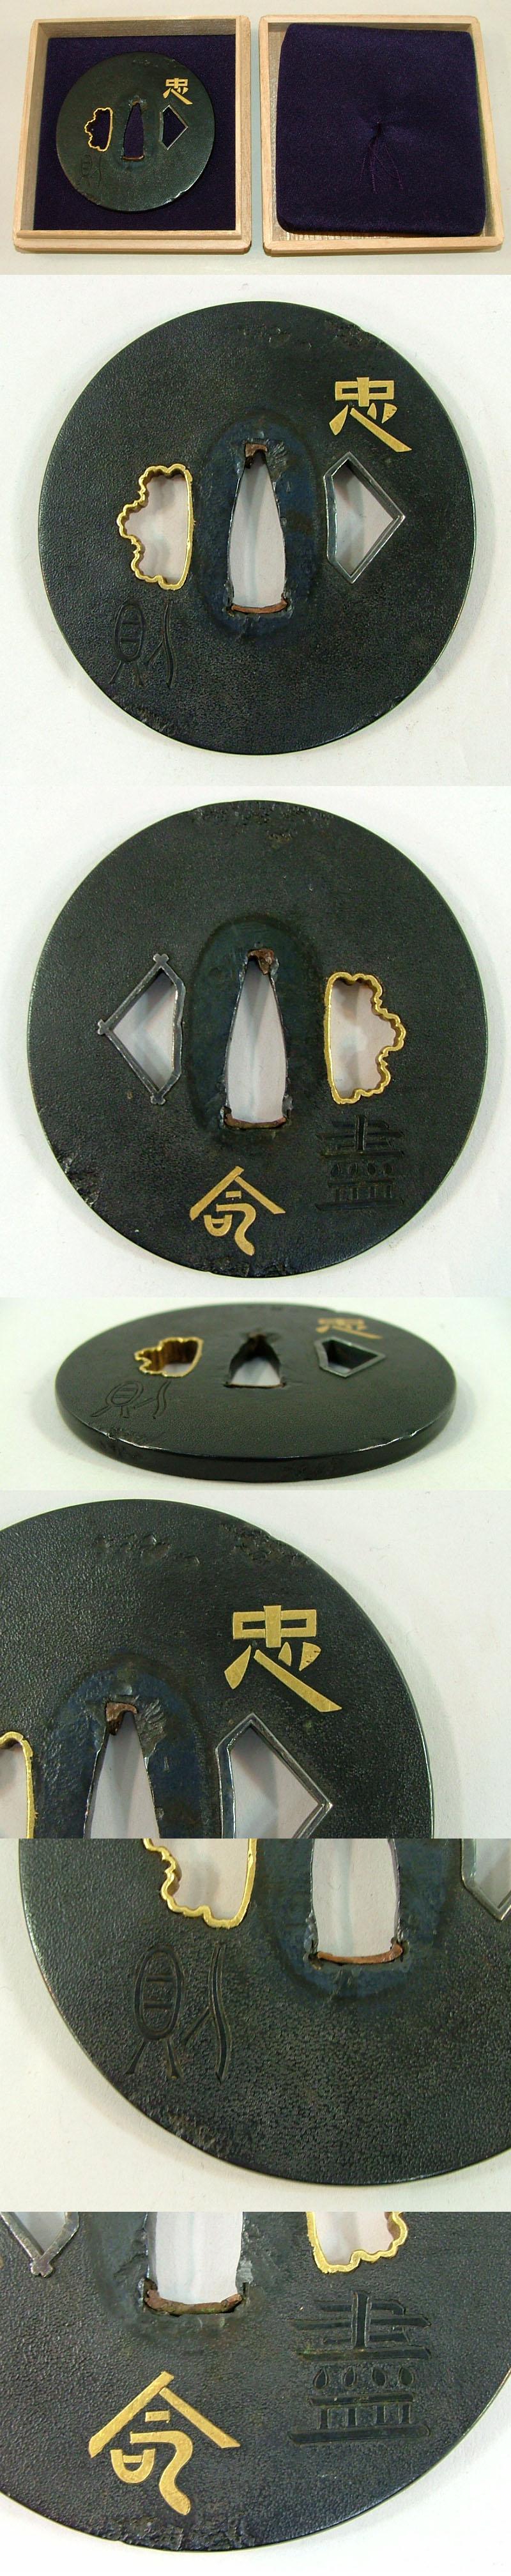 格言文字図鍔 無銘 埋忠 Picture of parts